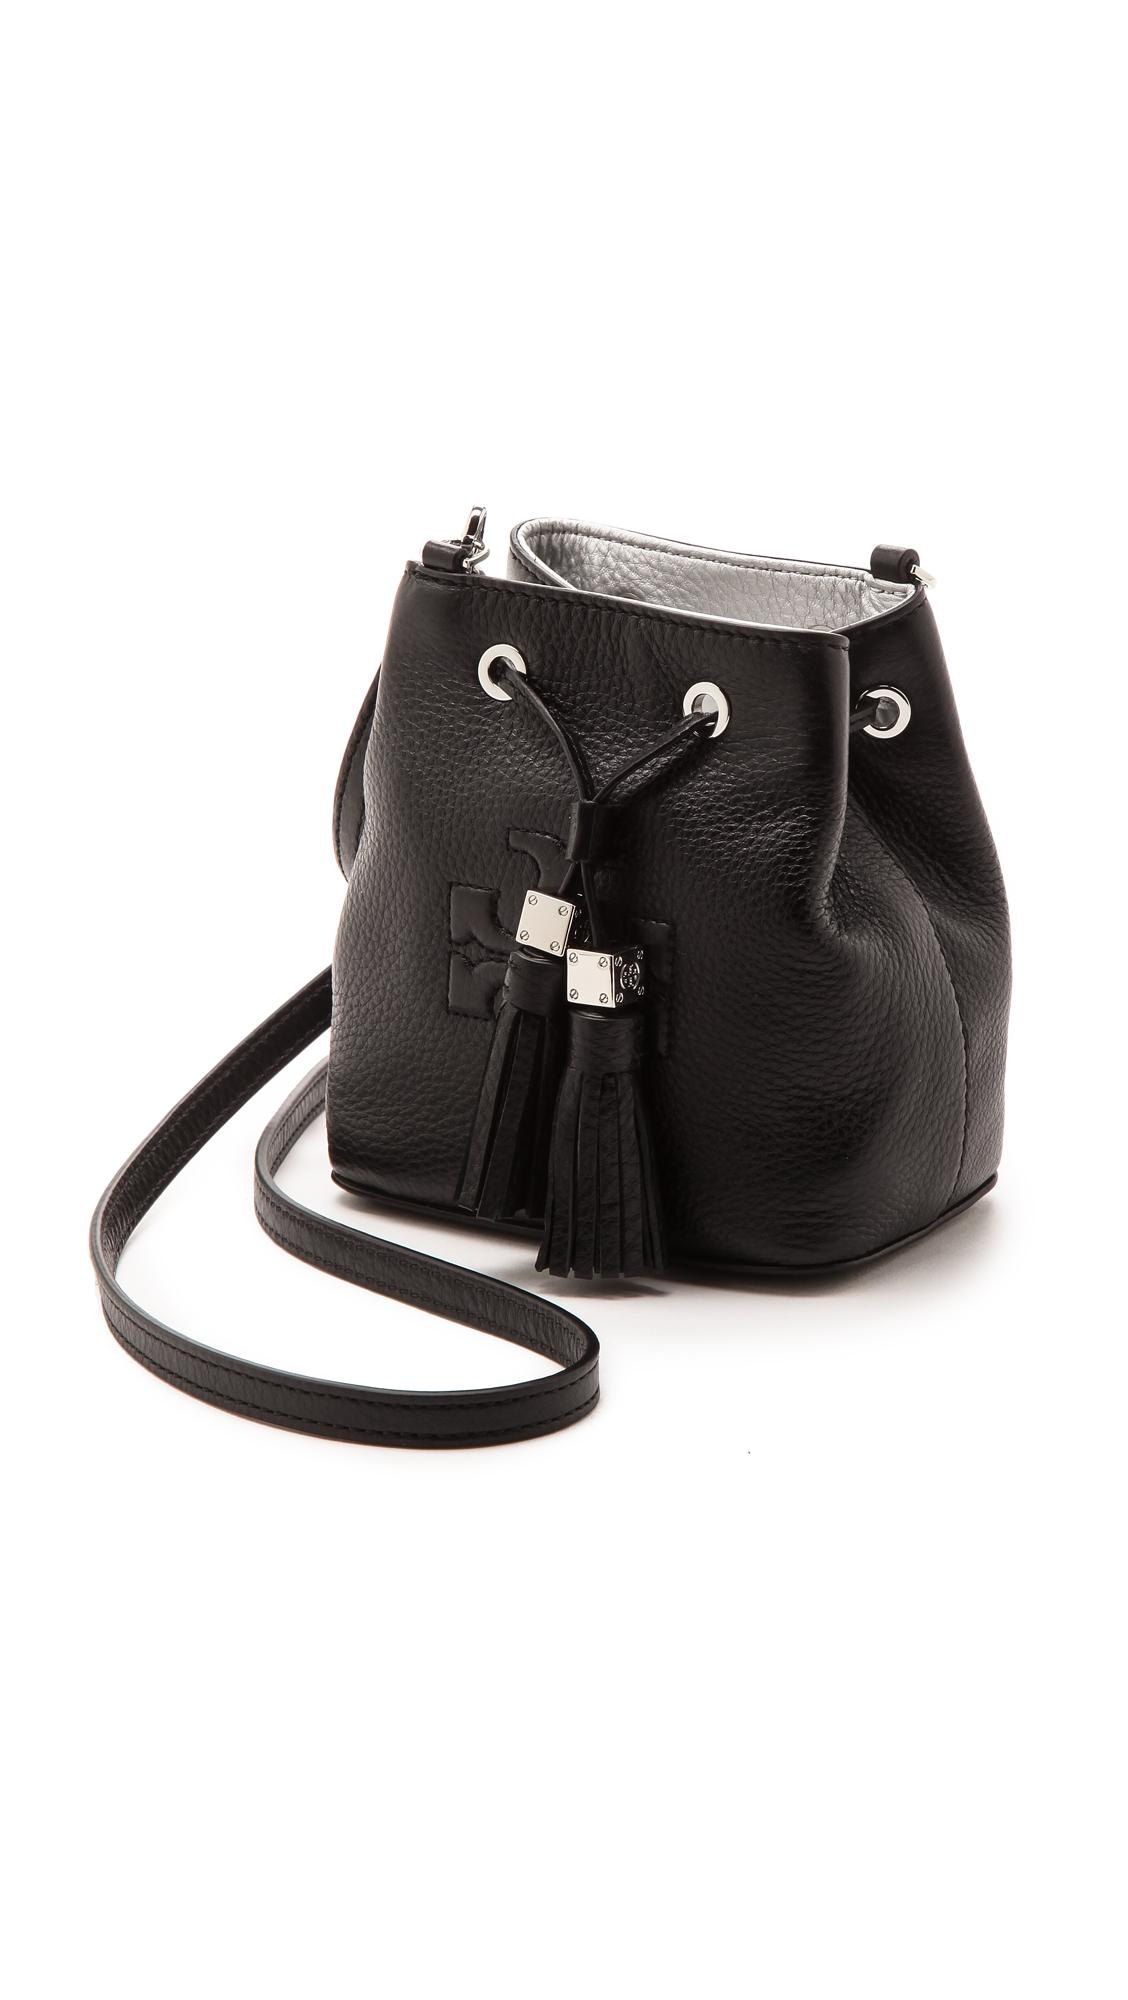 185de08b7a54 Tory Burch Thea Mini Bucket Cross Body Bag